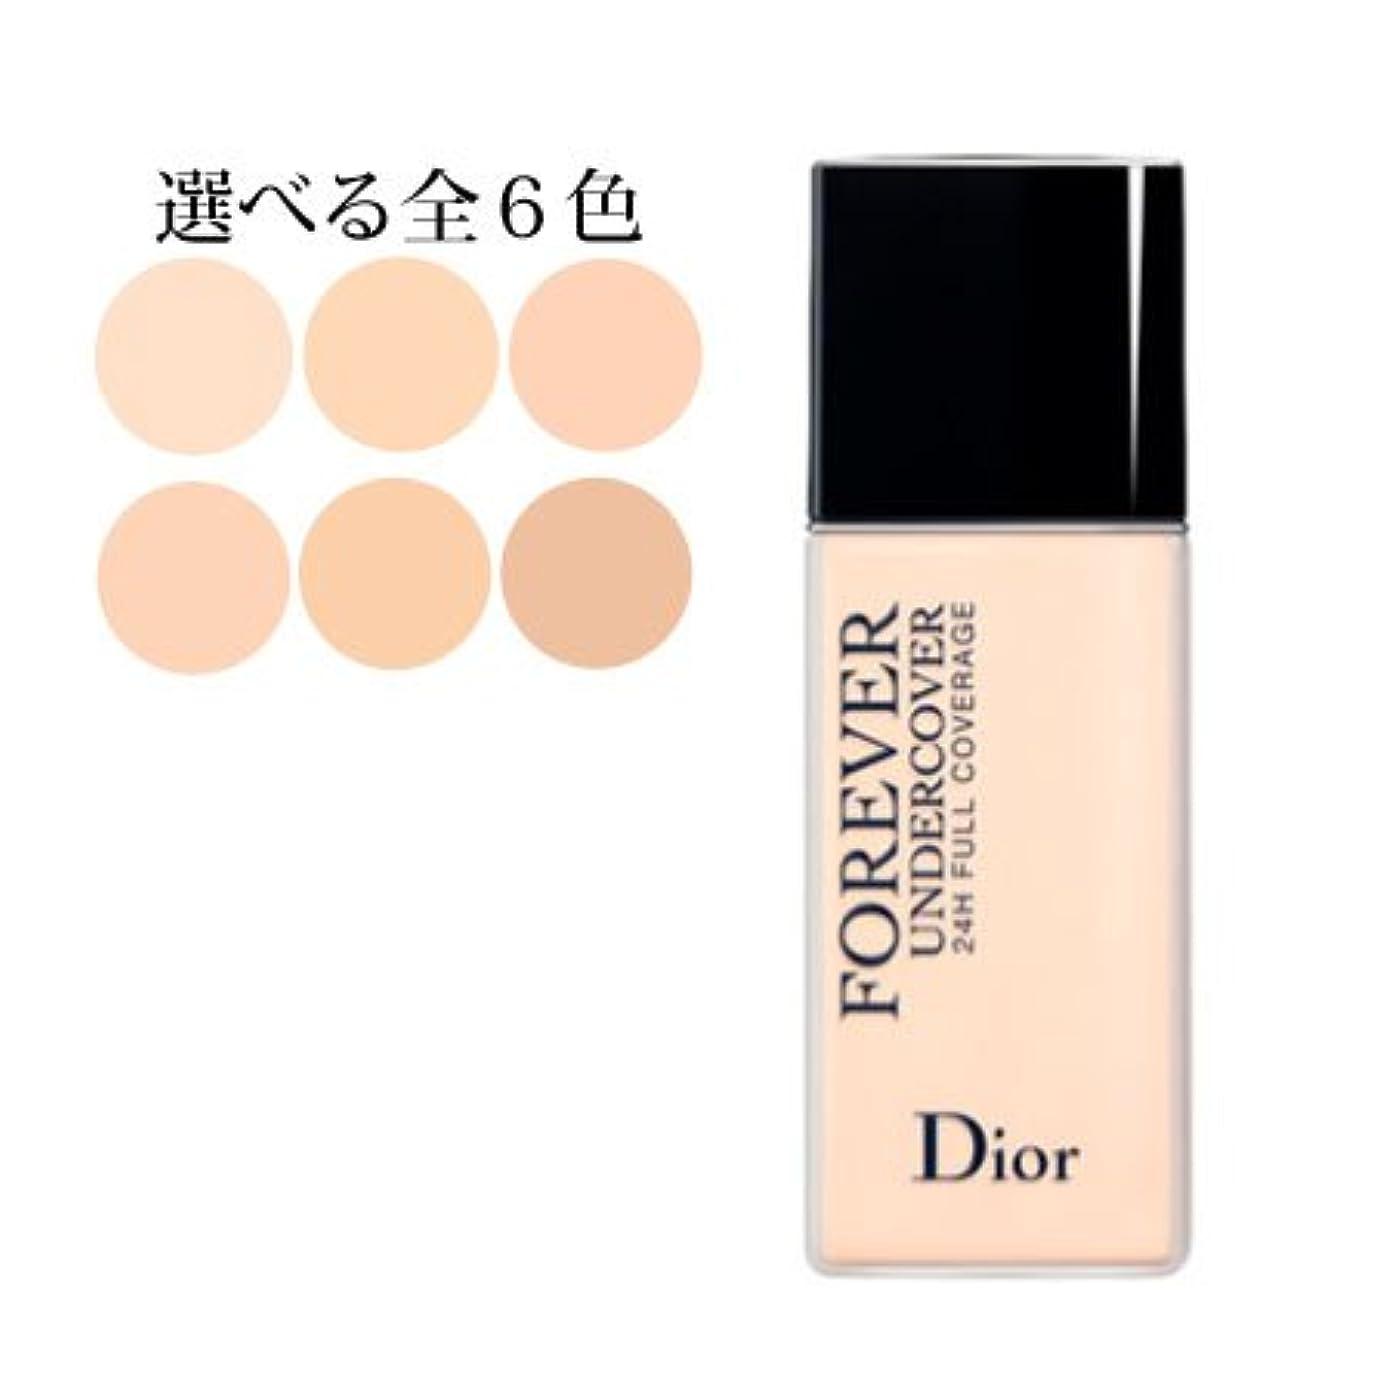 悪意満足させるハントディオールスキン フォーエヴァー アンダーカバー 選べる6色 -Dior- 020